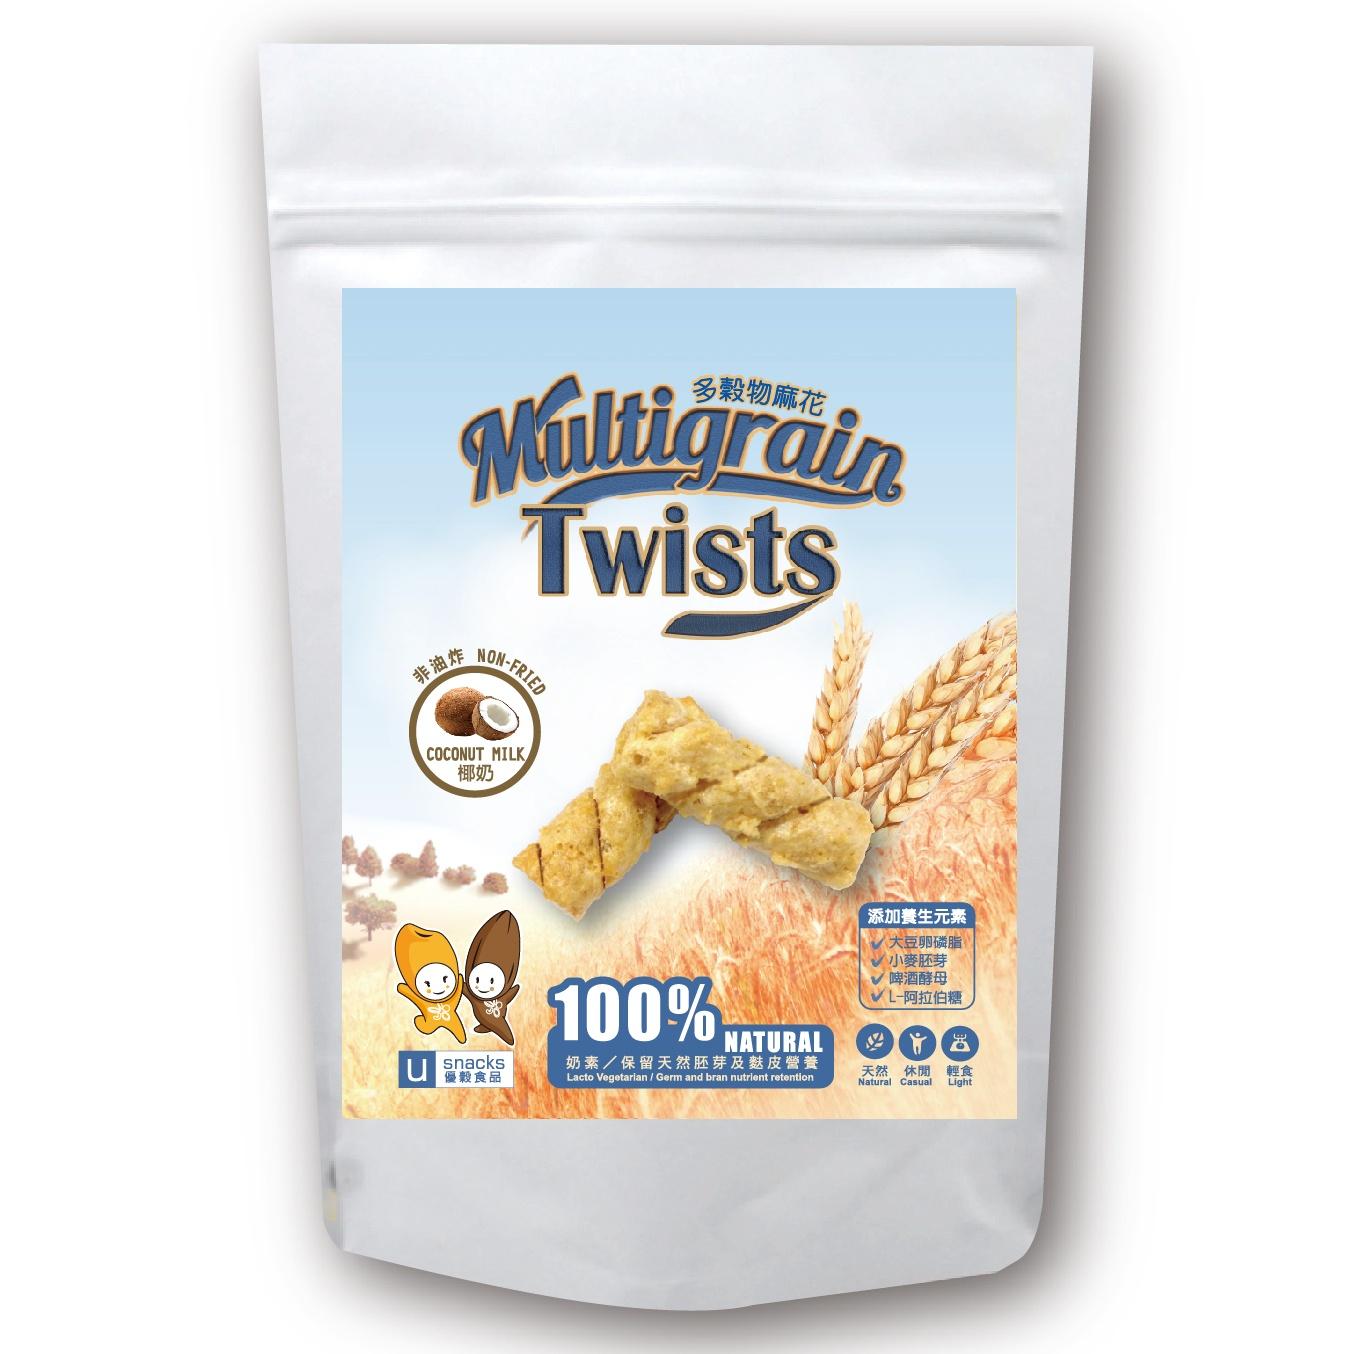 Multigrain Twists (Coconut Milk)